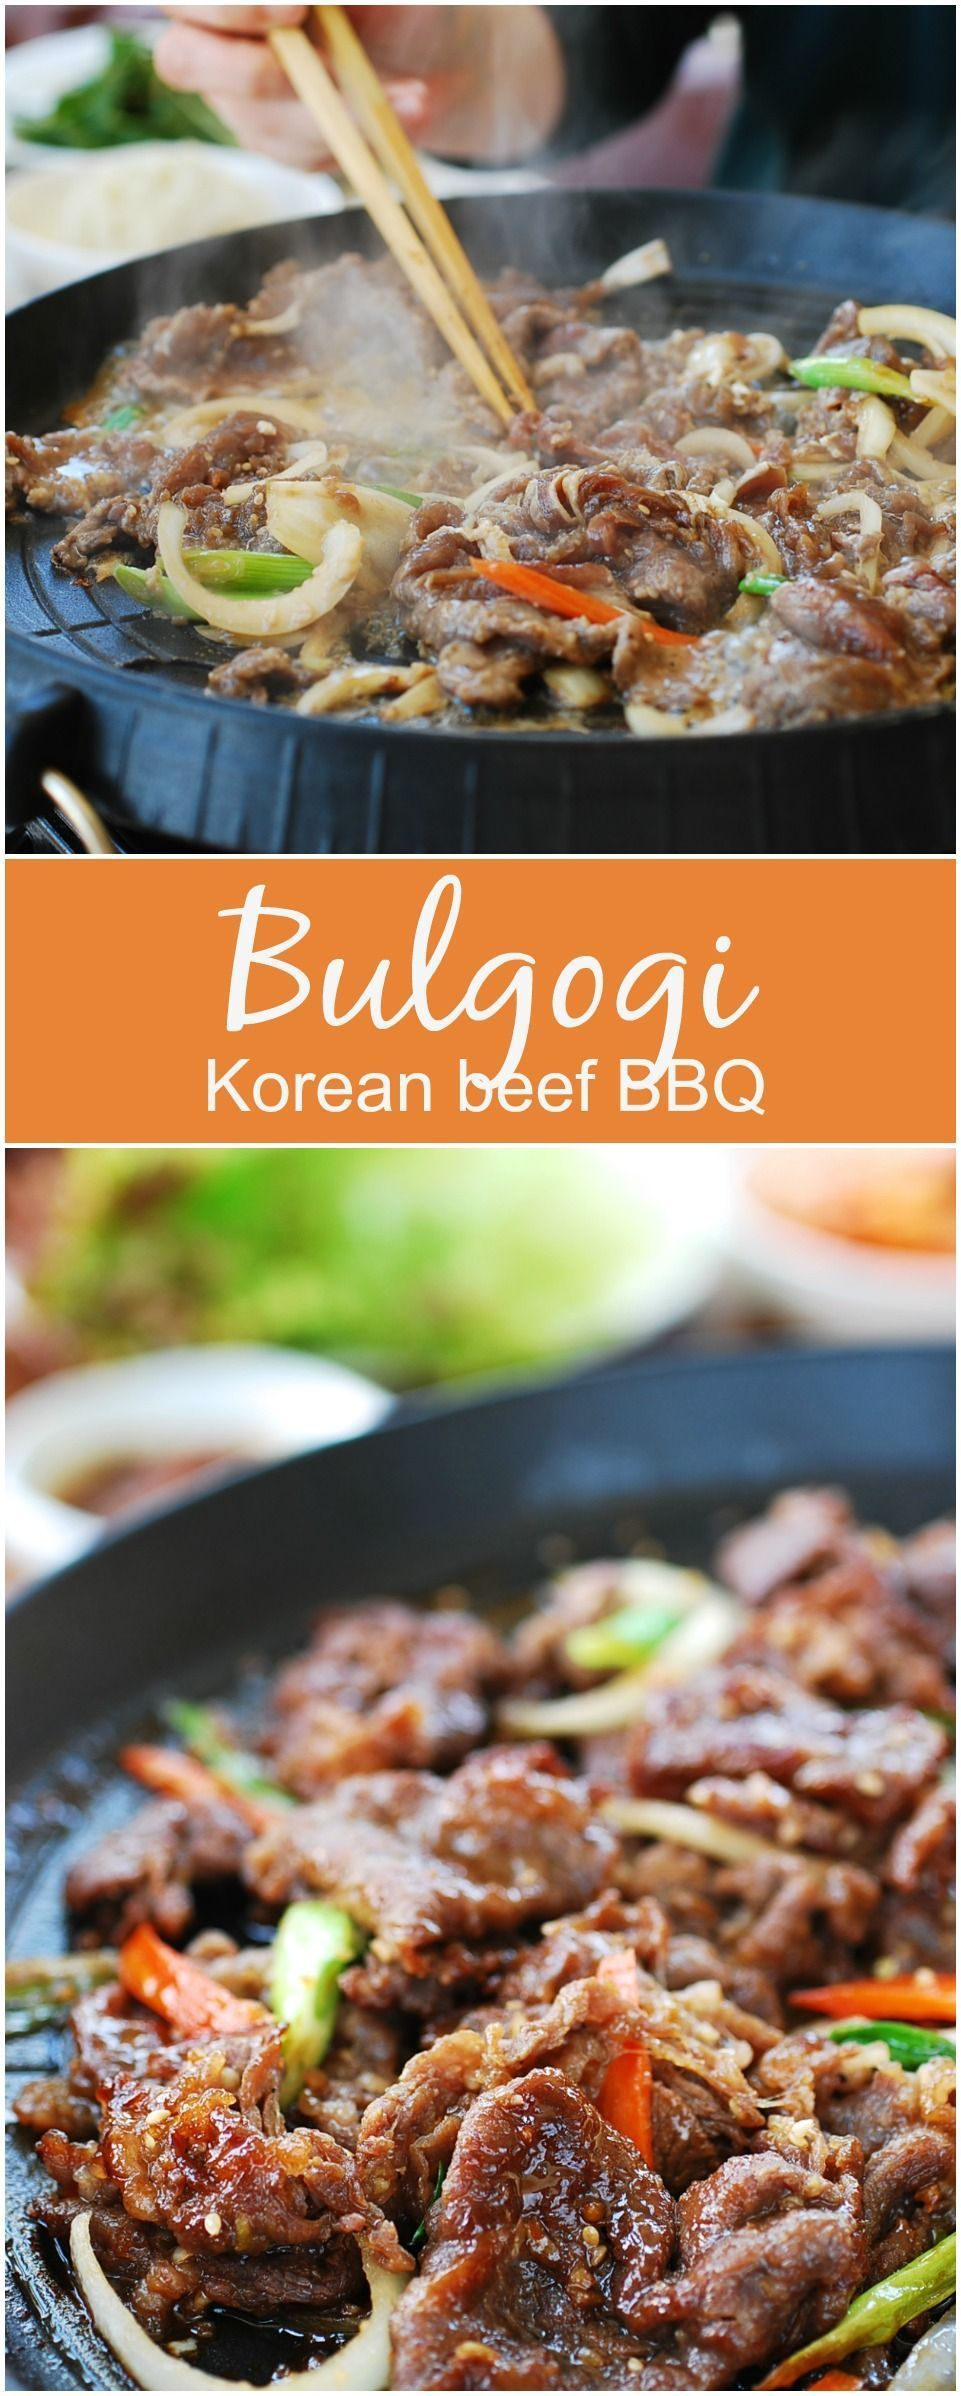 #recipedeliciously #deliciously #bbqbulgogi #authentic # ...